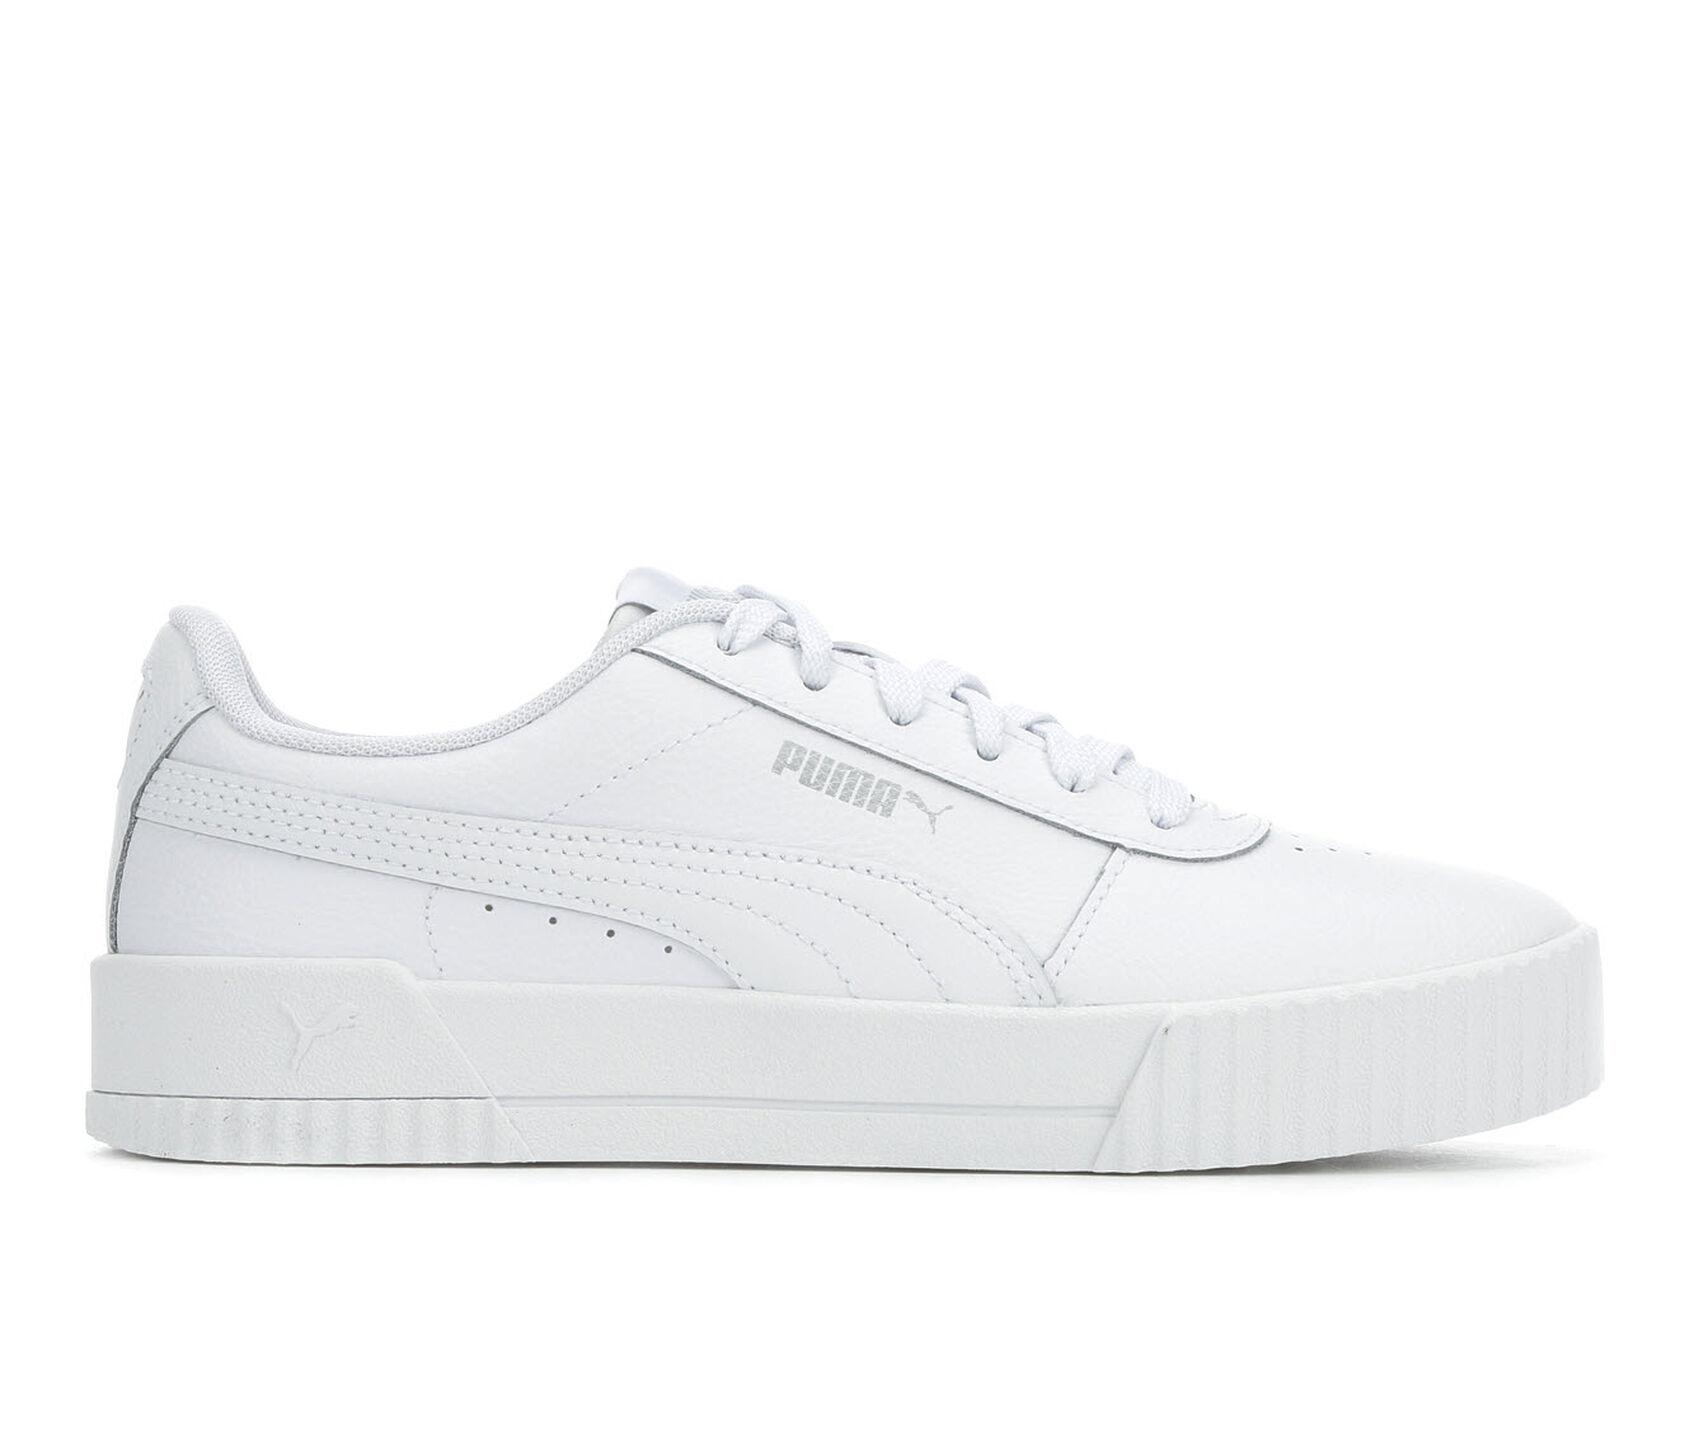 90ba79c8 Women's Puma Carina L Tennis Shoes